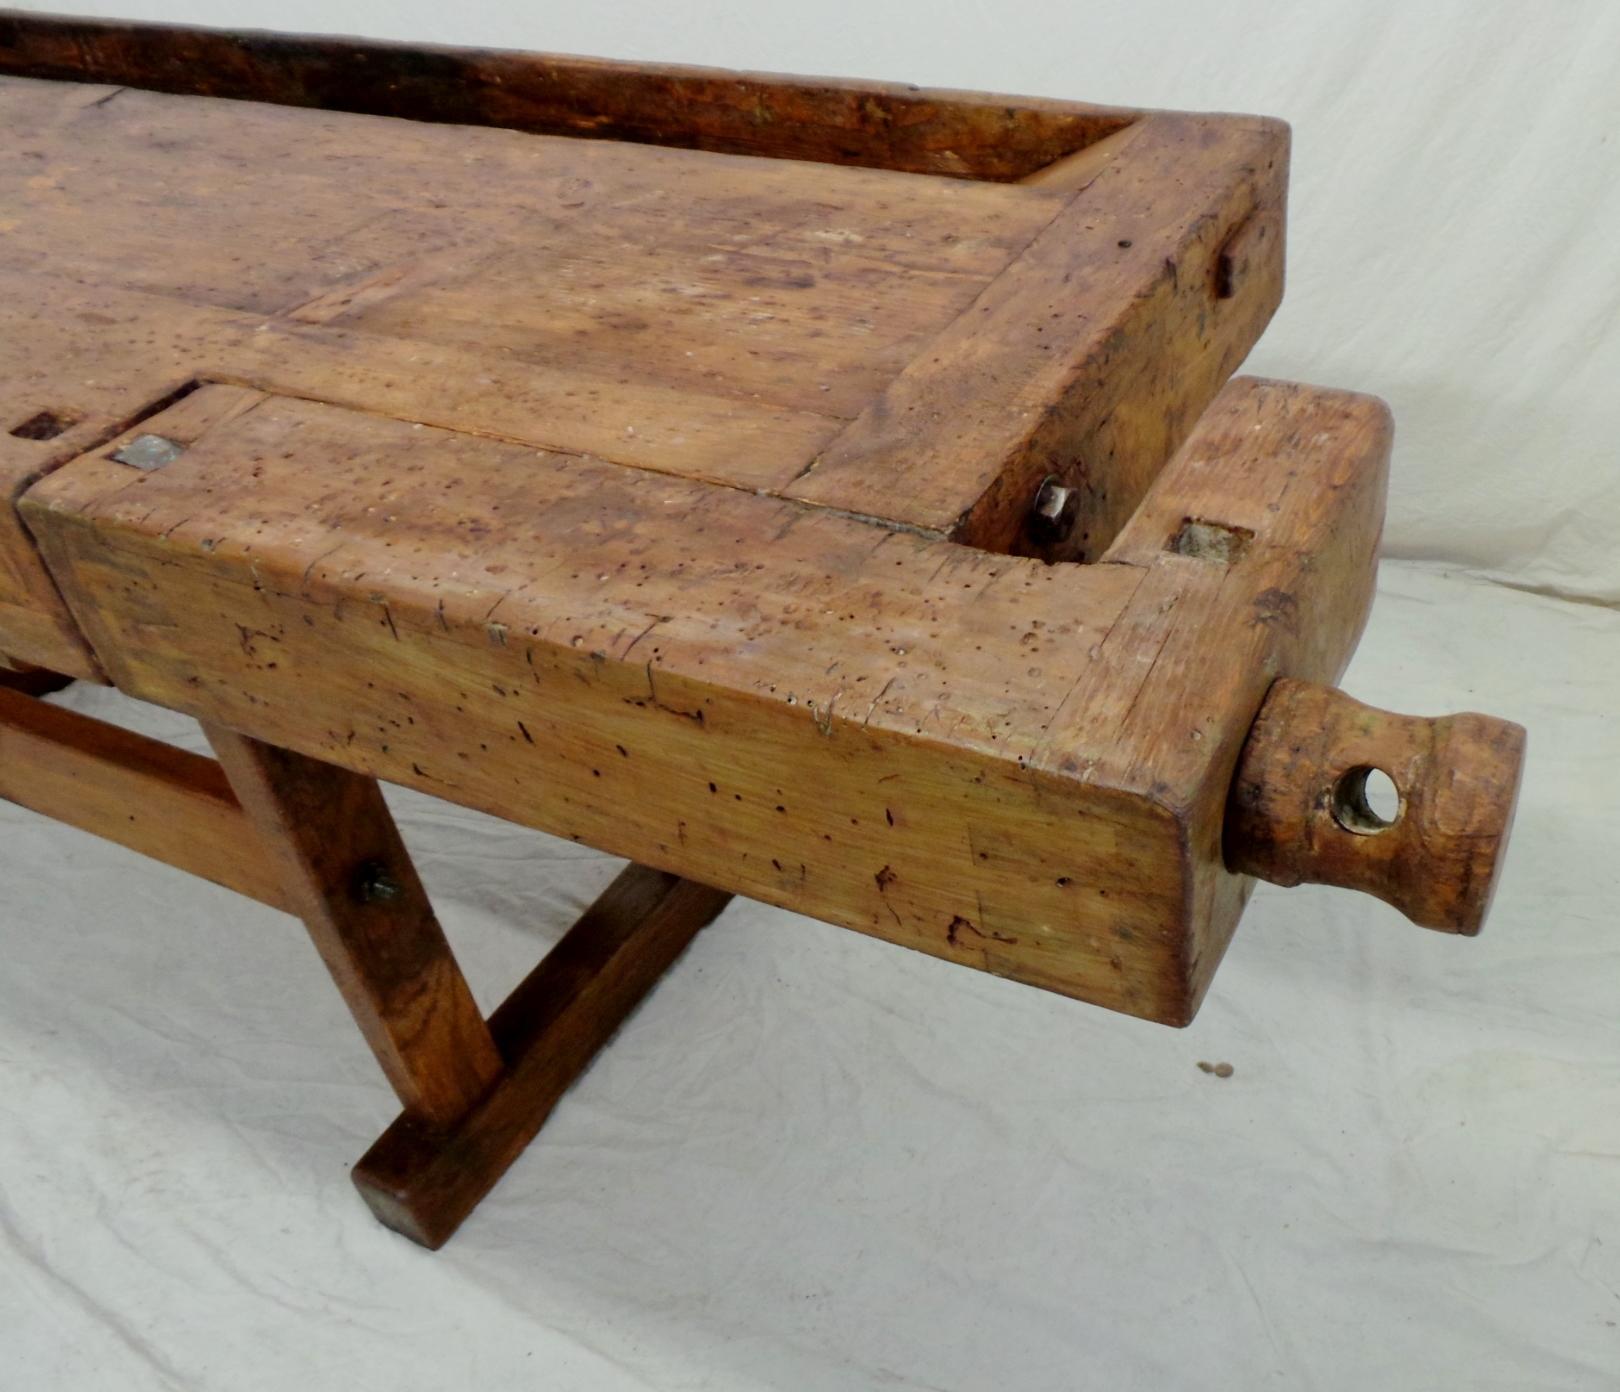 vecchio-banco-da-falegname-viti-e-morse-in-legno-dettaglio-morsa